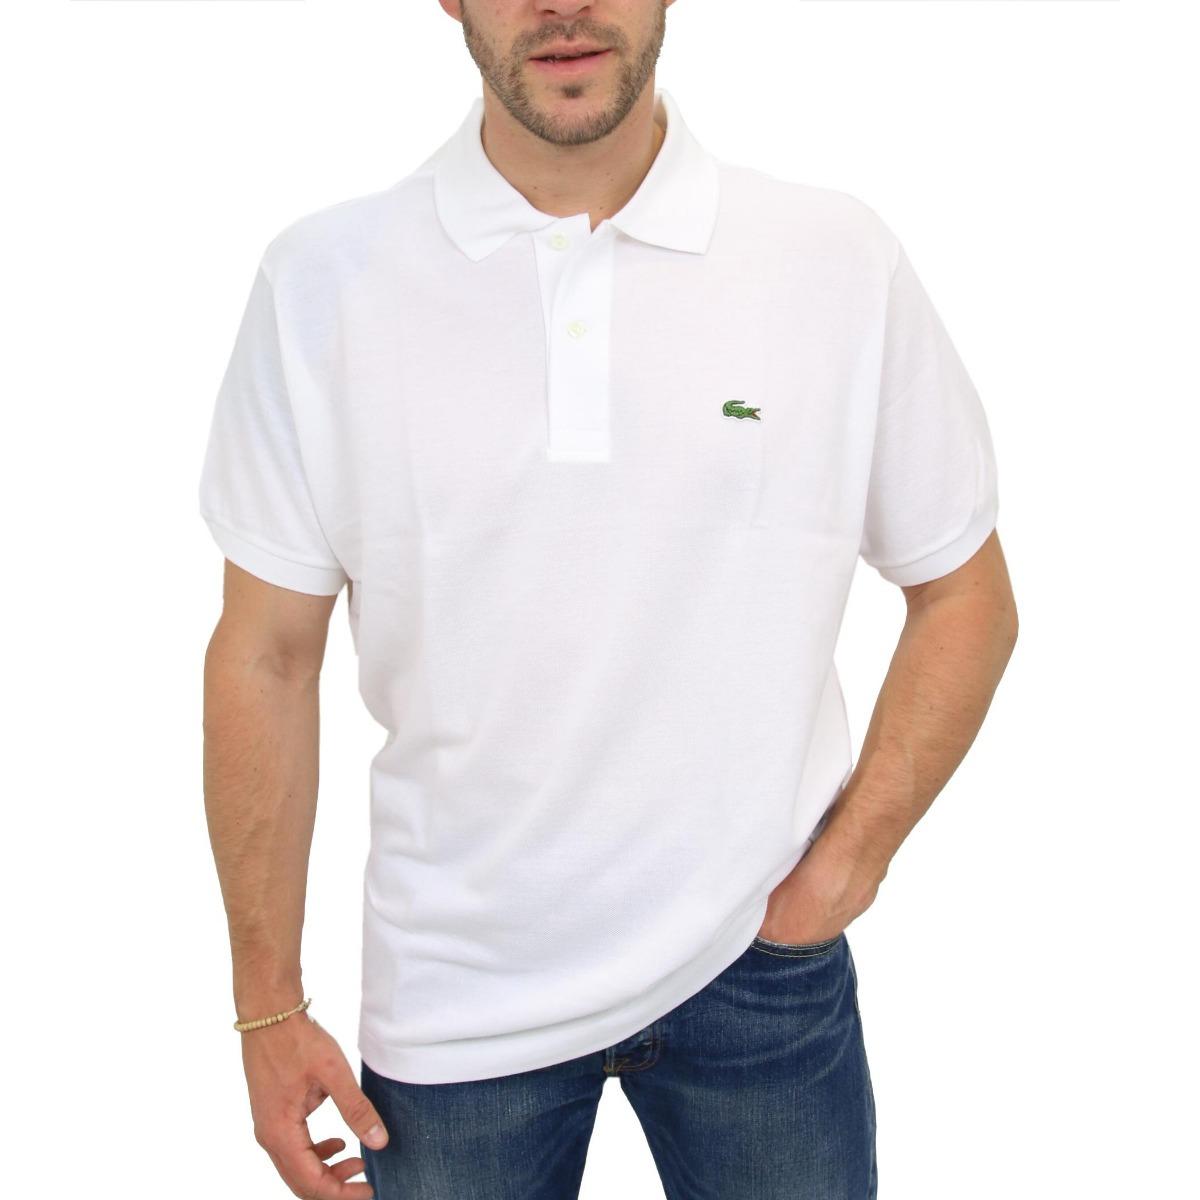 6e48e40848849 promoção kit 2 camisa lacoste gola polo original masculina. Carregando zoom.